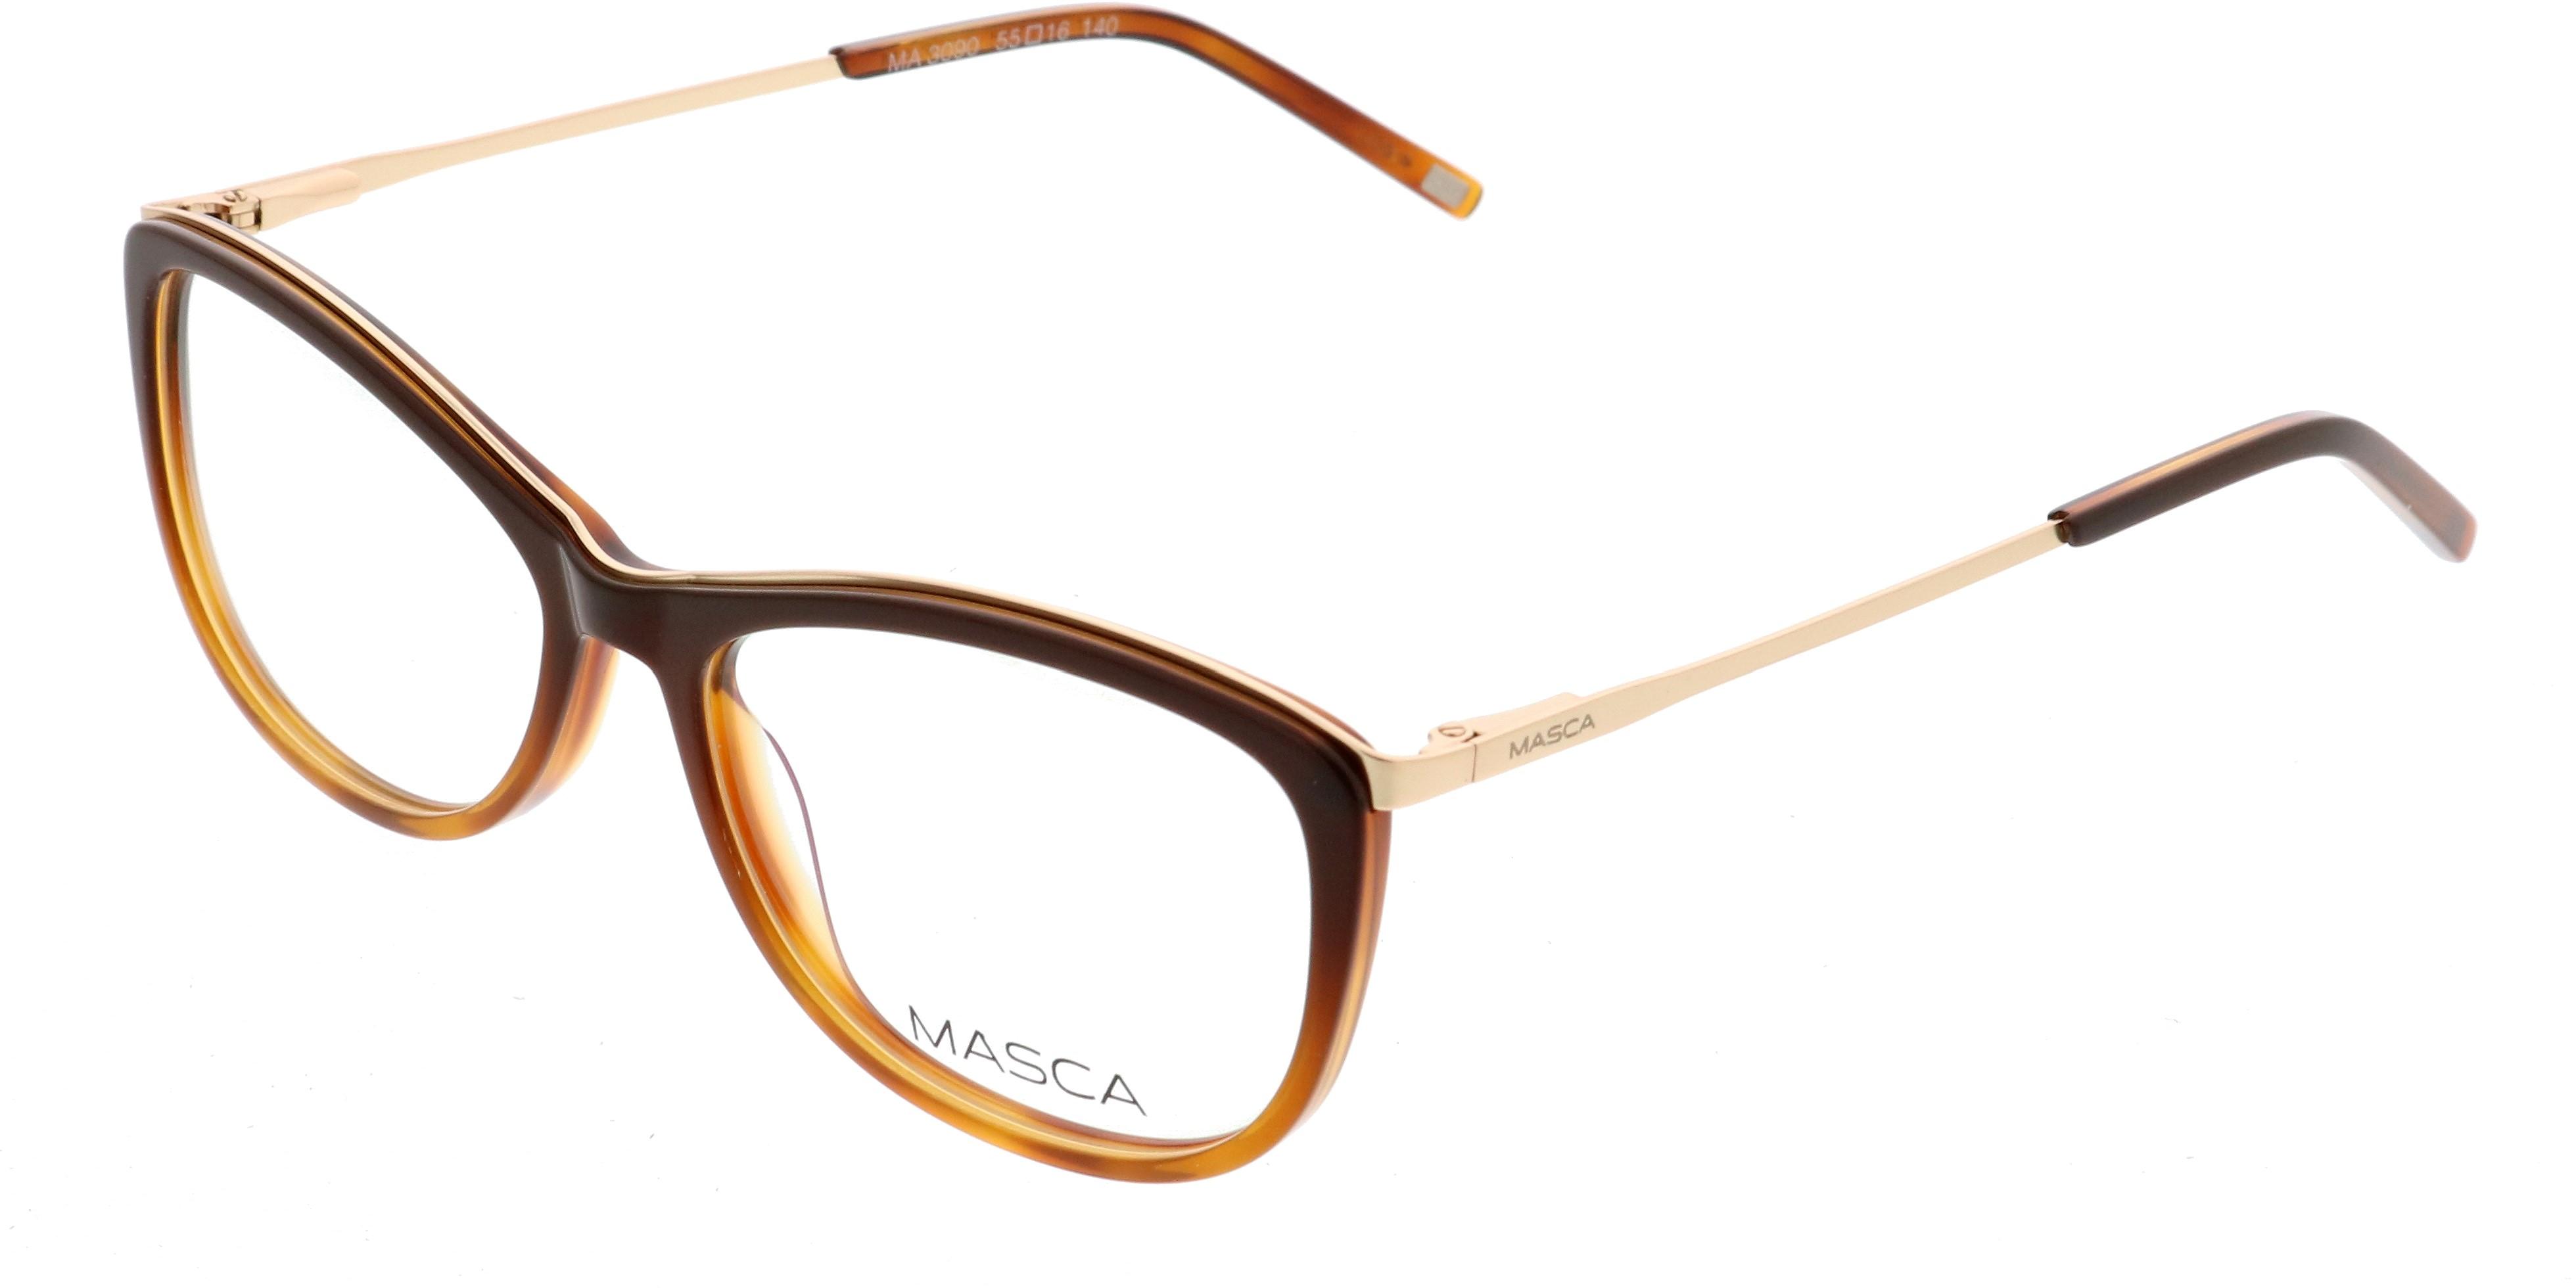 Masca 3090 Alle Brillen